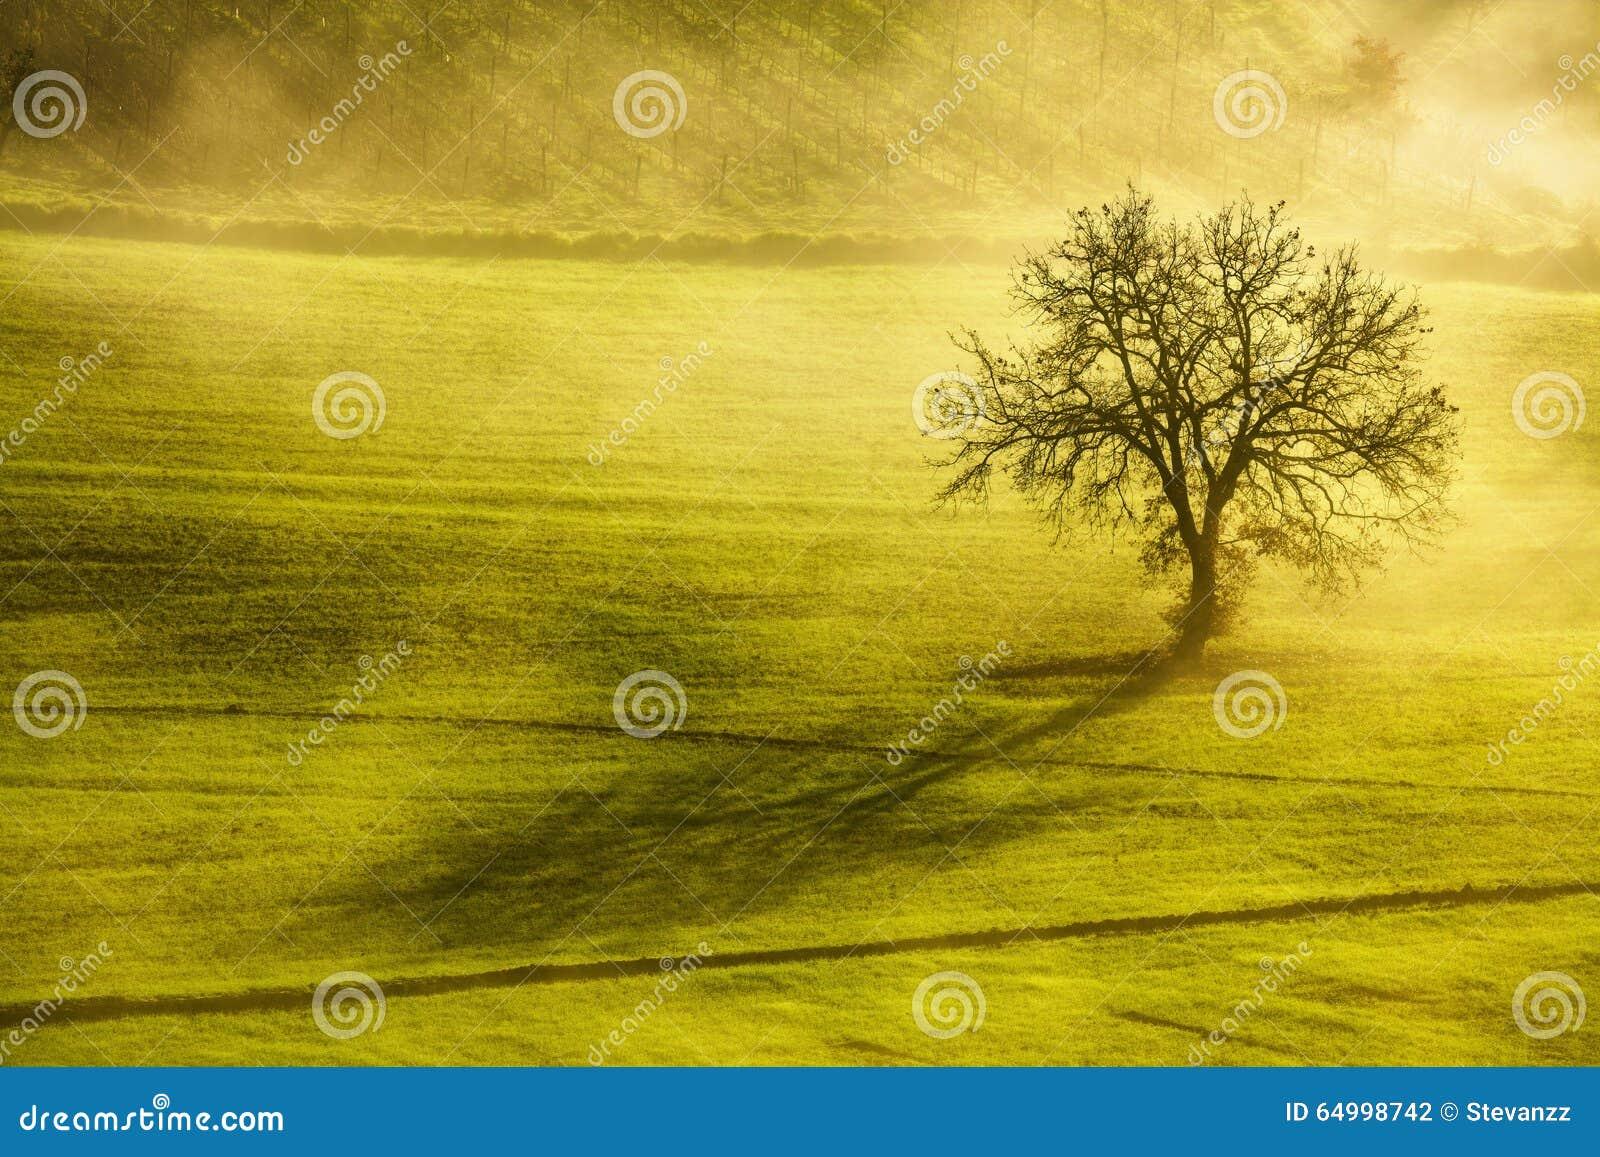 Mañana del invierno de Toscana, árbol solo y niebla Italia